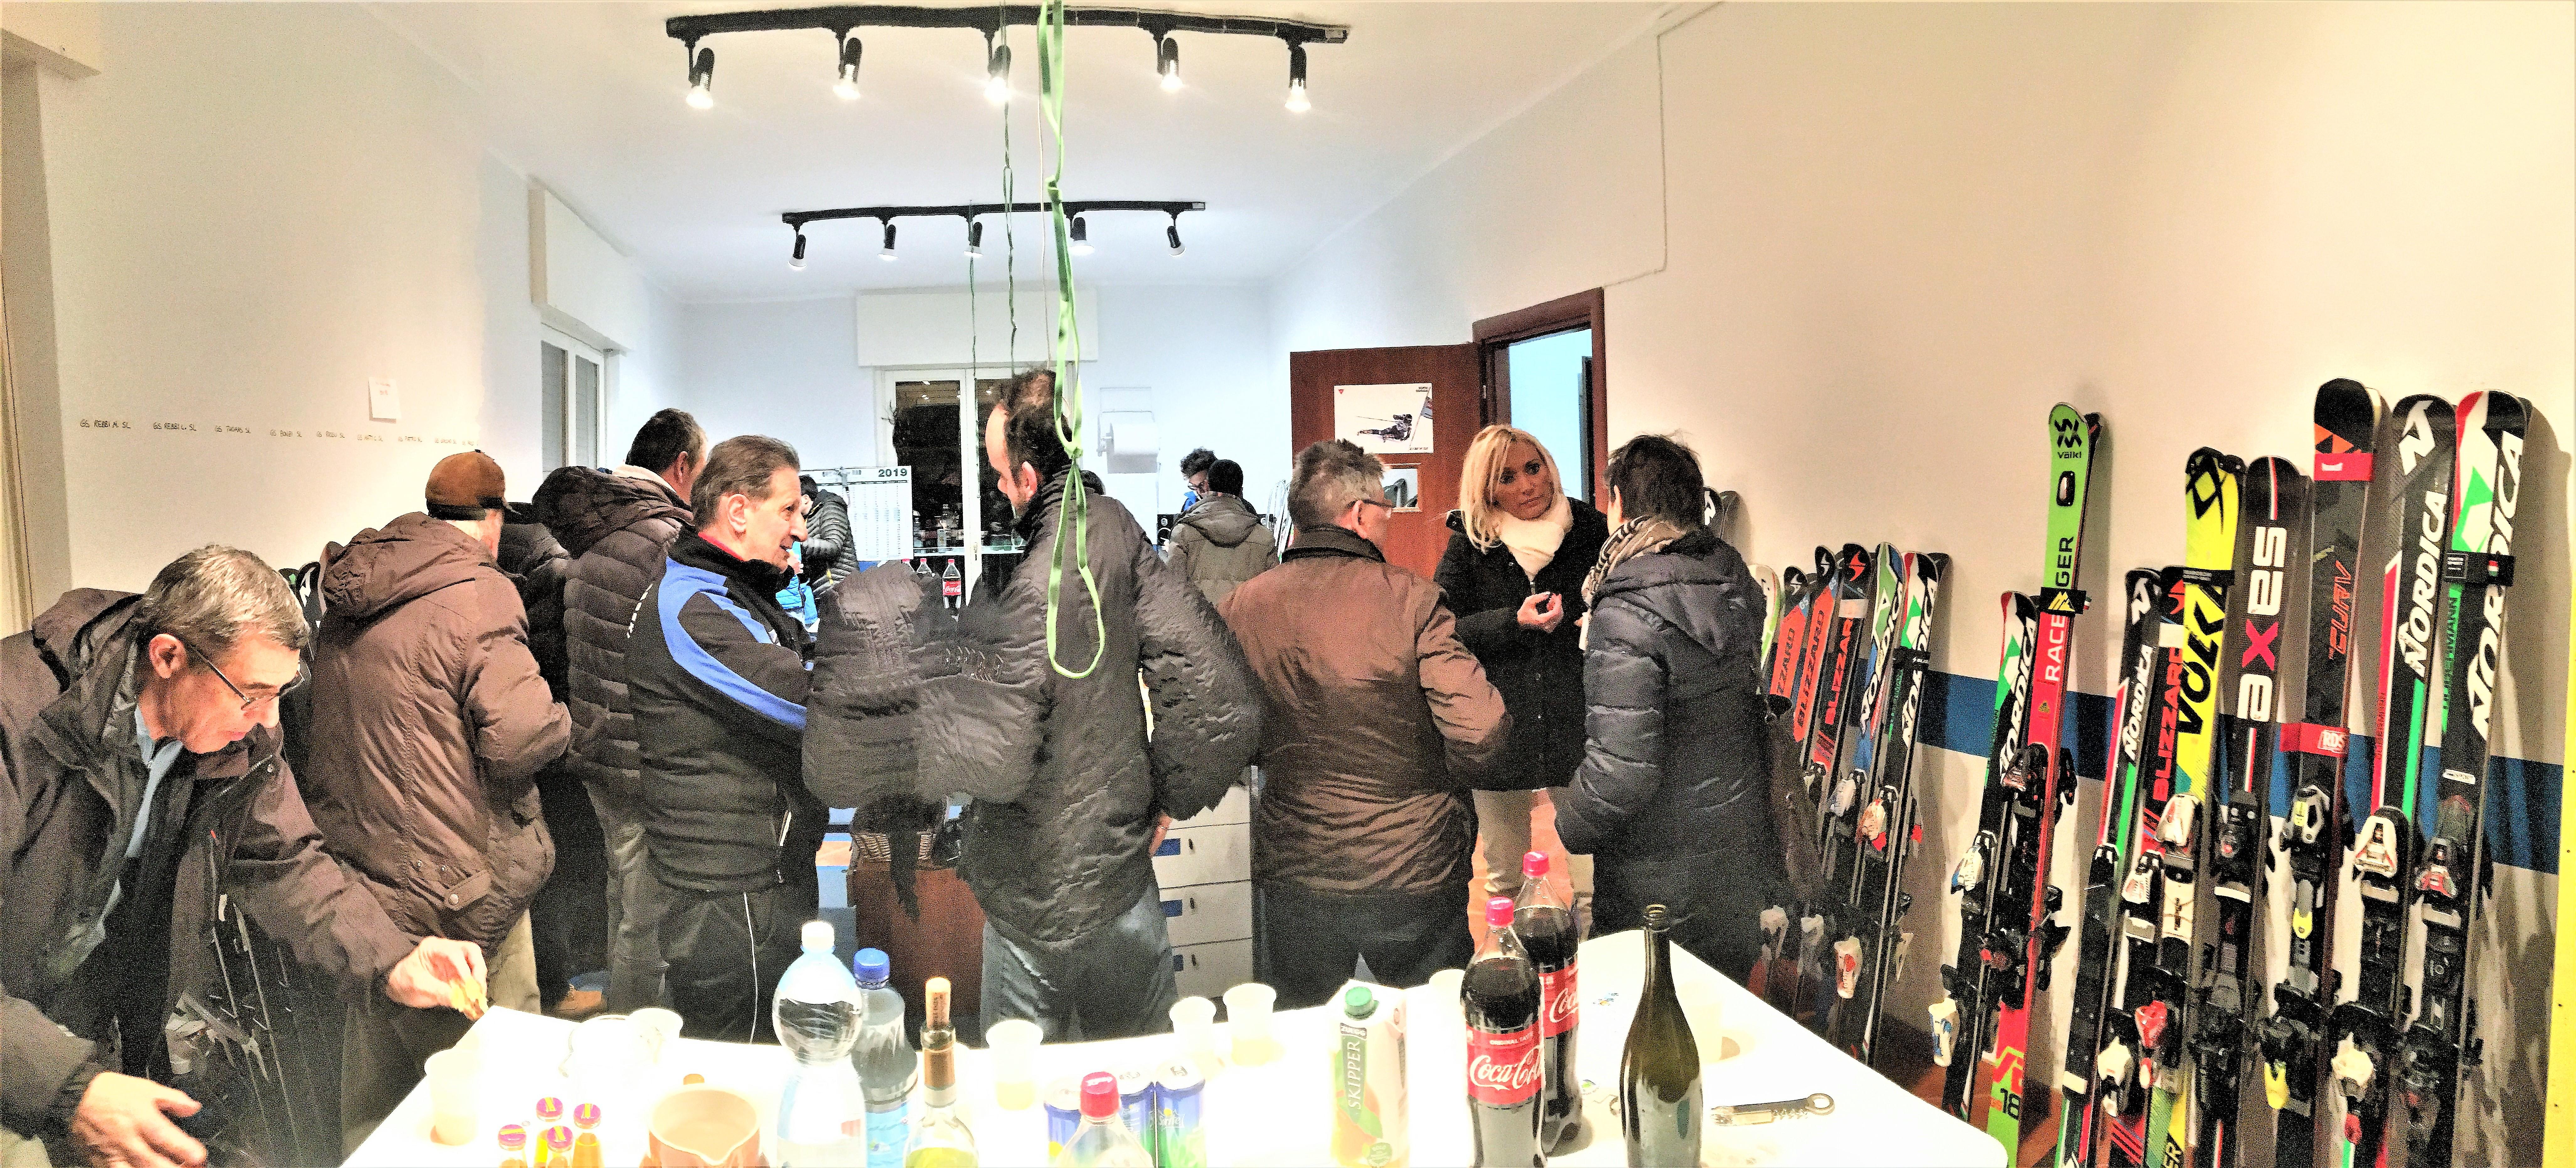 20.12.2018 - Inaugurazione Sede Sci club Zogno (19)